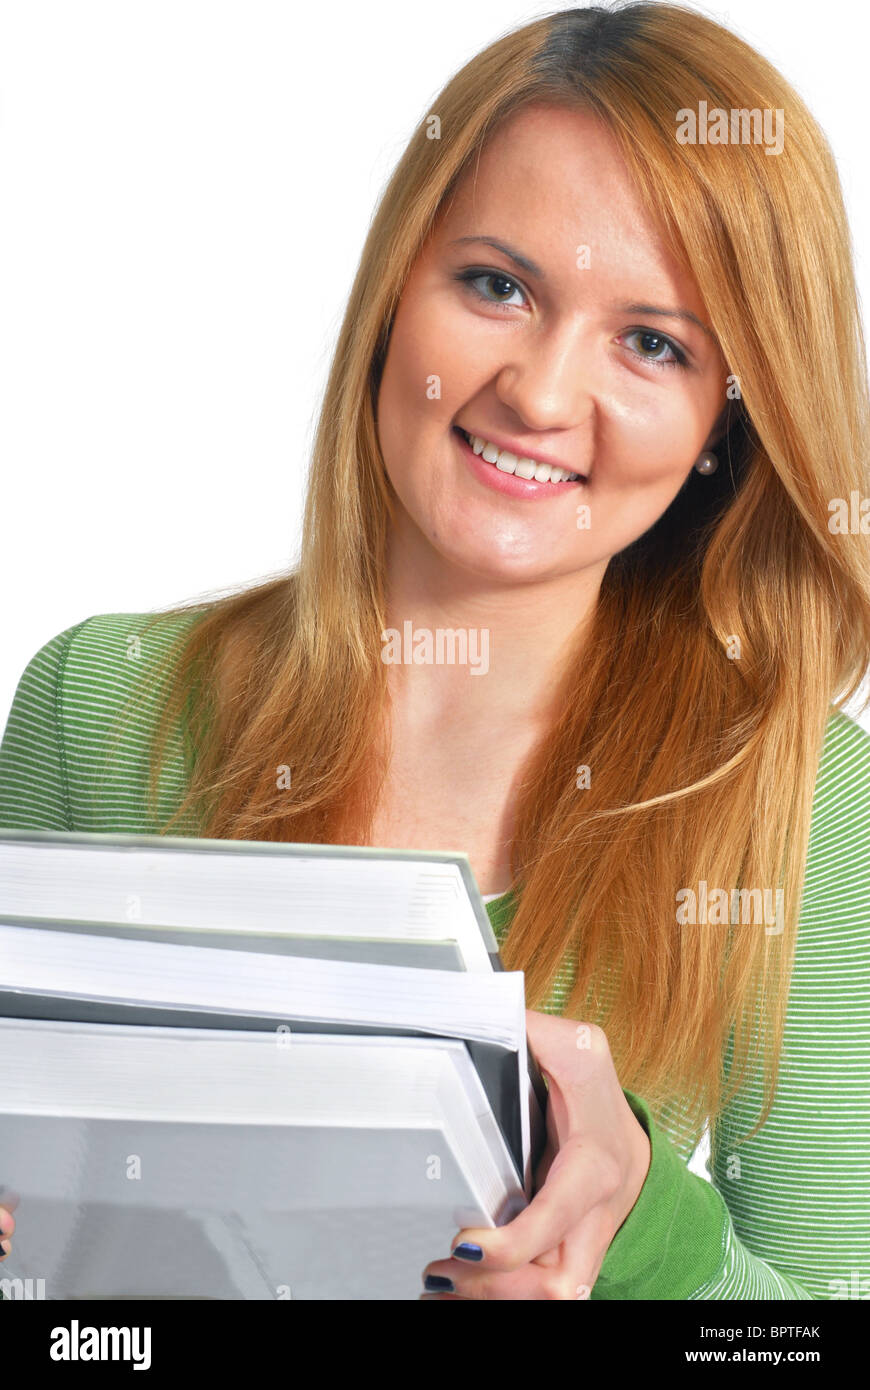 Porträt eines schönen jungen weiblichen Studenten mit Büchern Stockbild